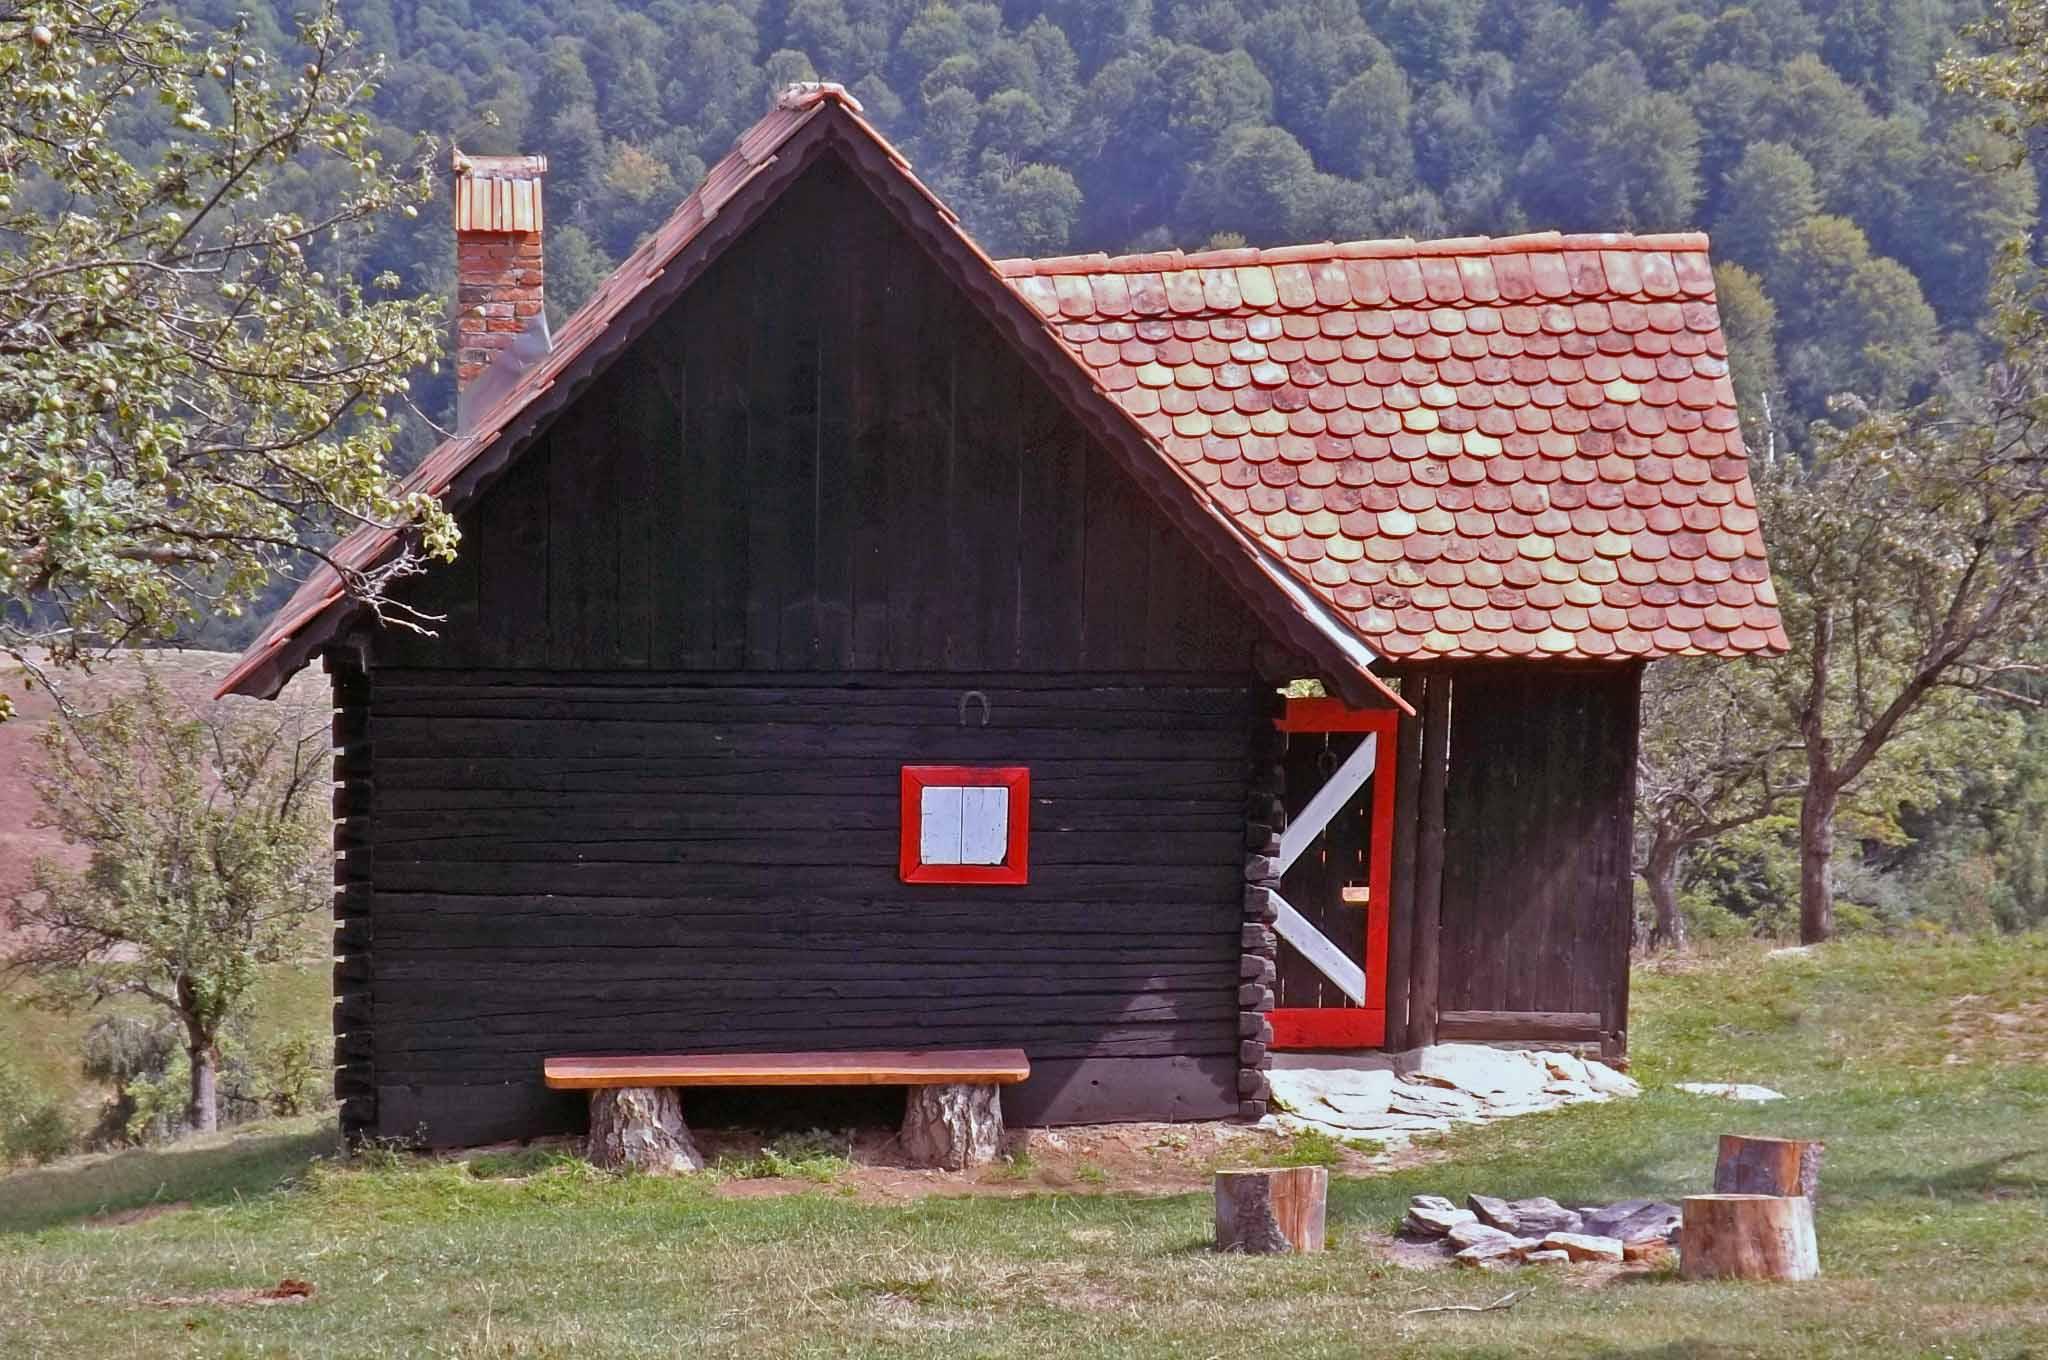 einsame almhütte mieten 2 personen | ferien holzhaus rumänien für hüttenurlaub transsilvanien